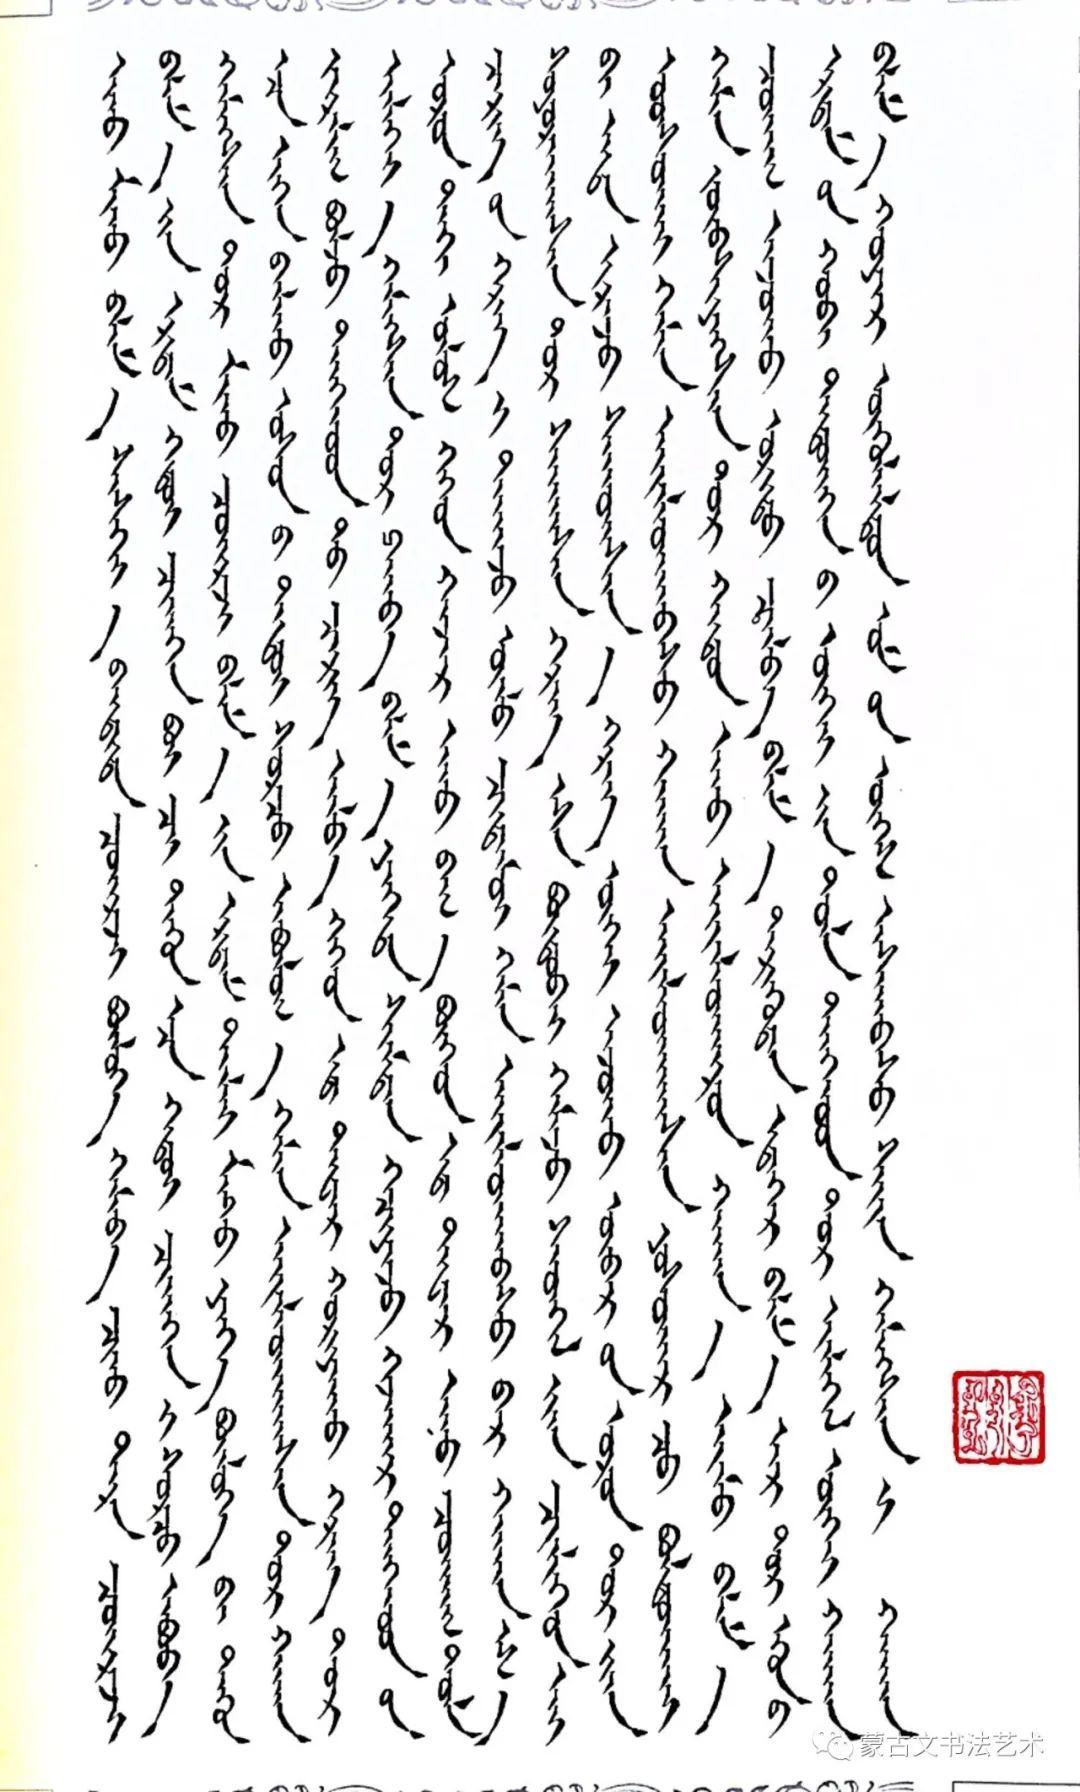 孟克德力格尔楷书著作《八思巴传》 第6张 孟克德力格尔楷书著作《八思巴传》 蒙古书法